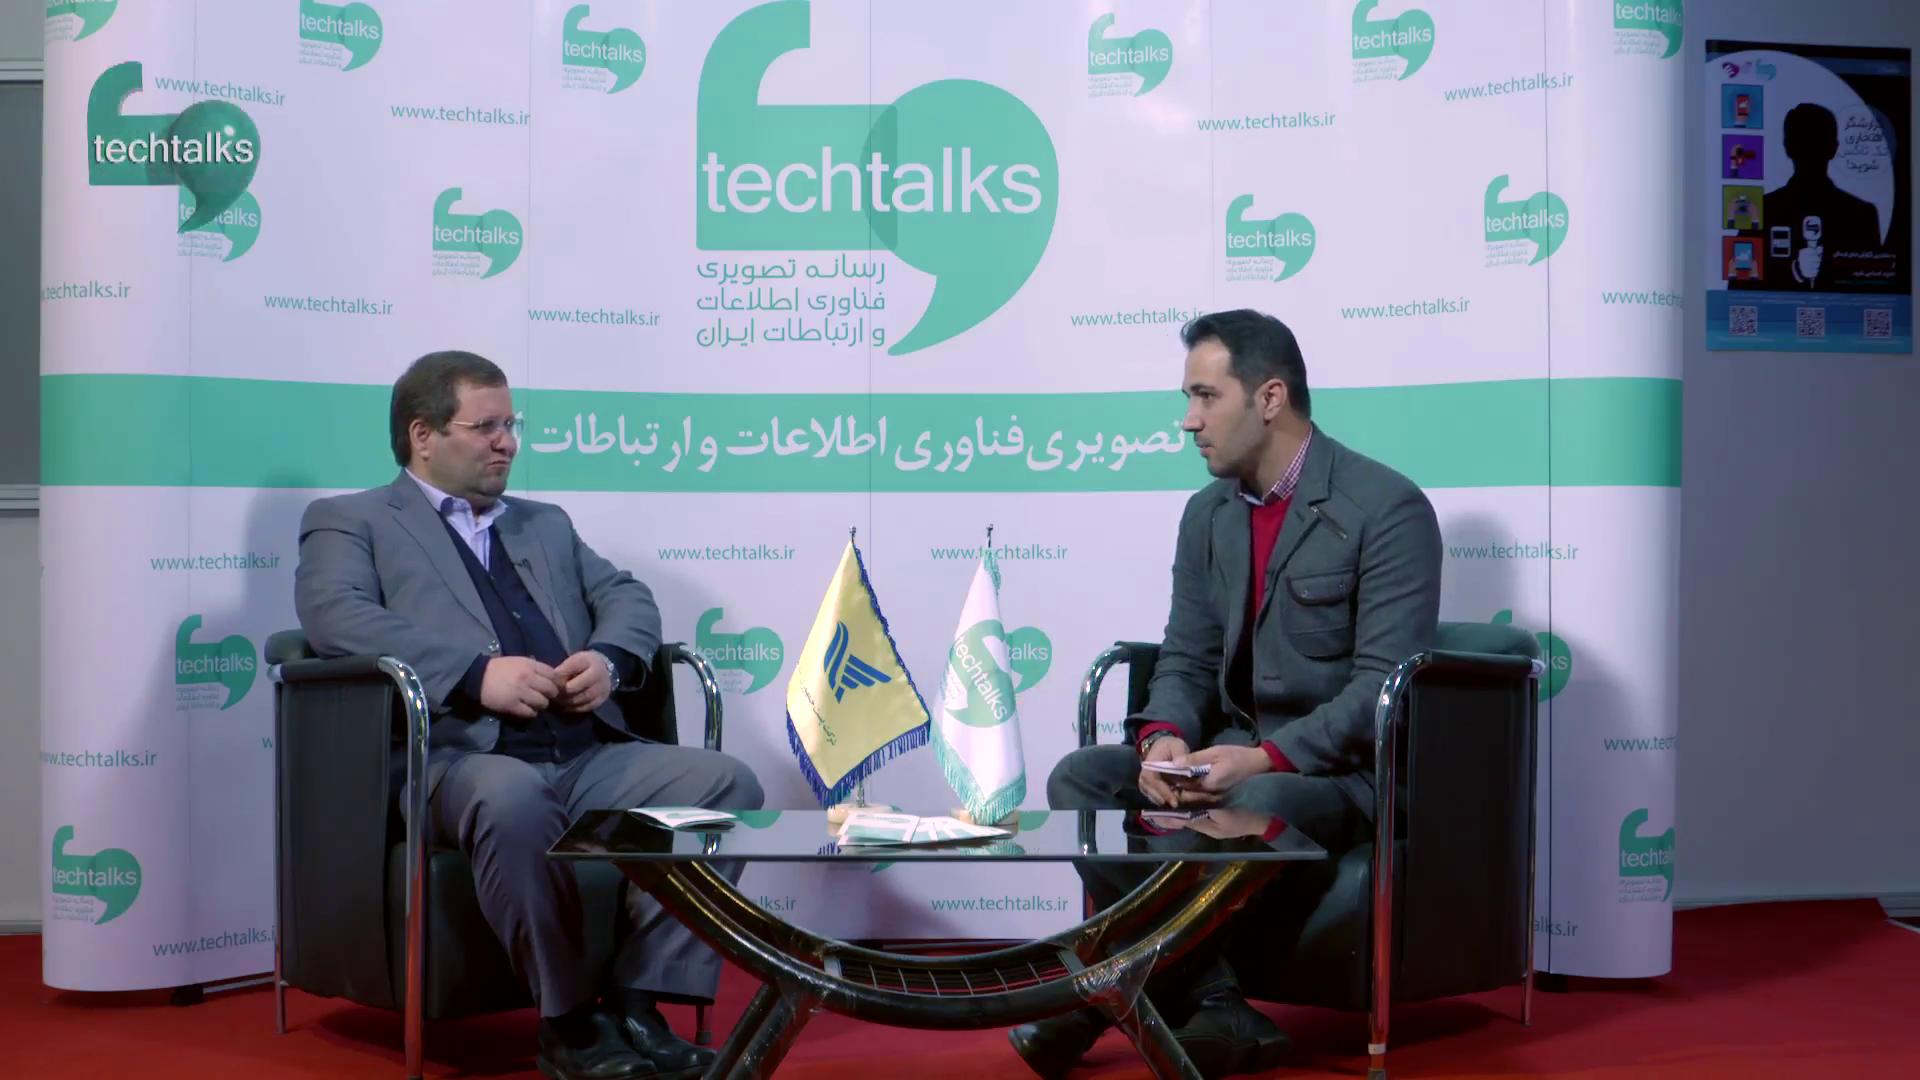 تک تاکس – مهندس مهری – مدیرعامل پست: در حال مذاکره با ebay و آمازون هستیم(قسمت اول) – techtalks.ir